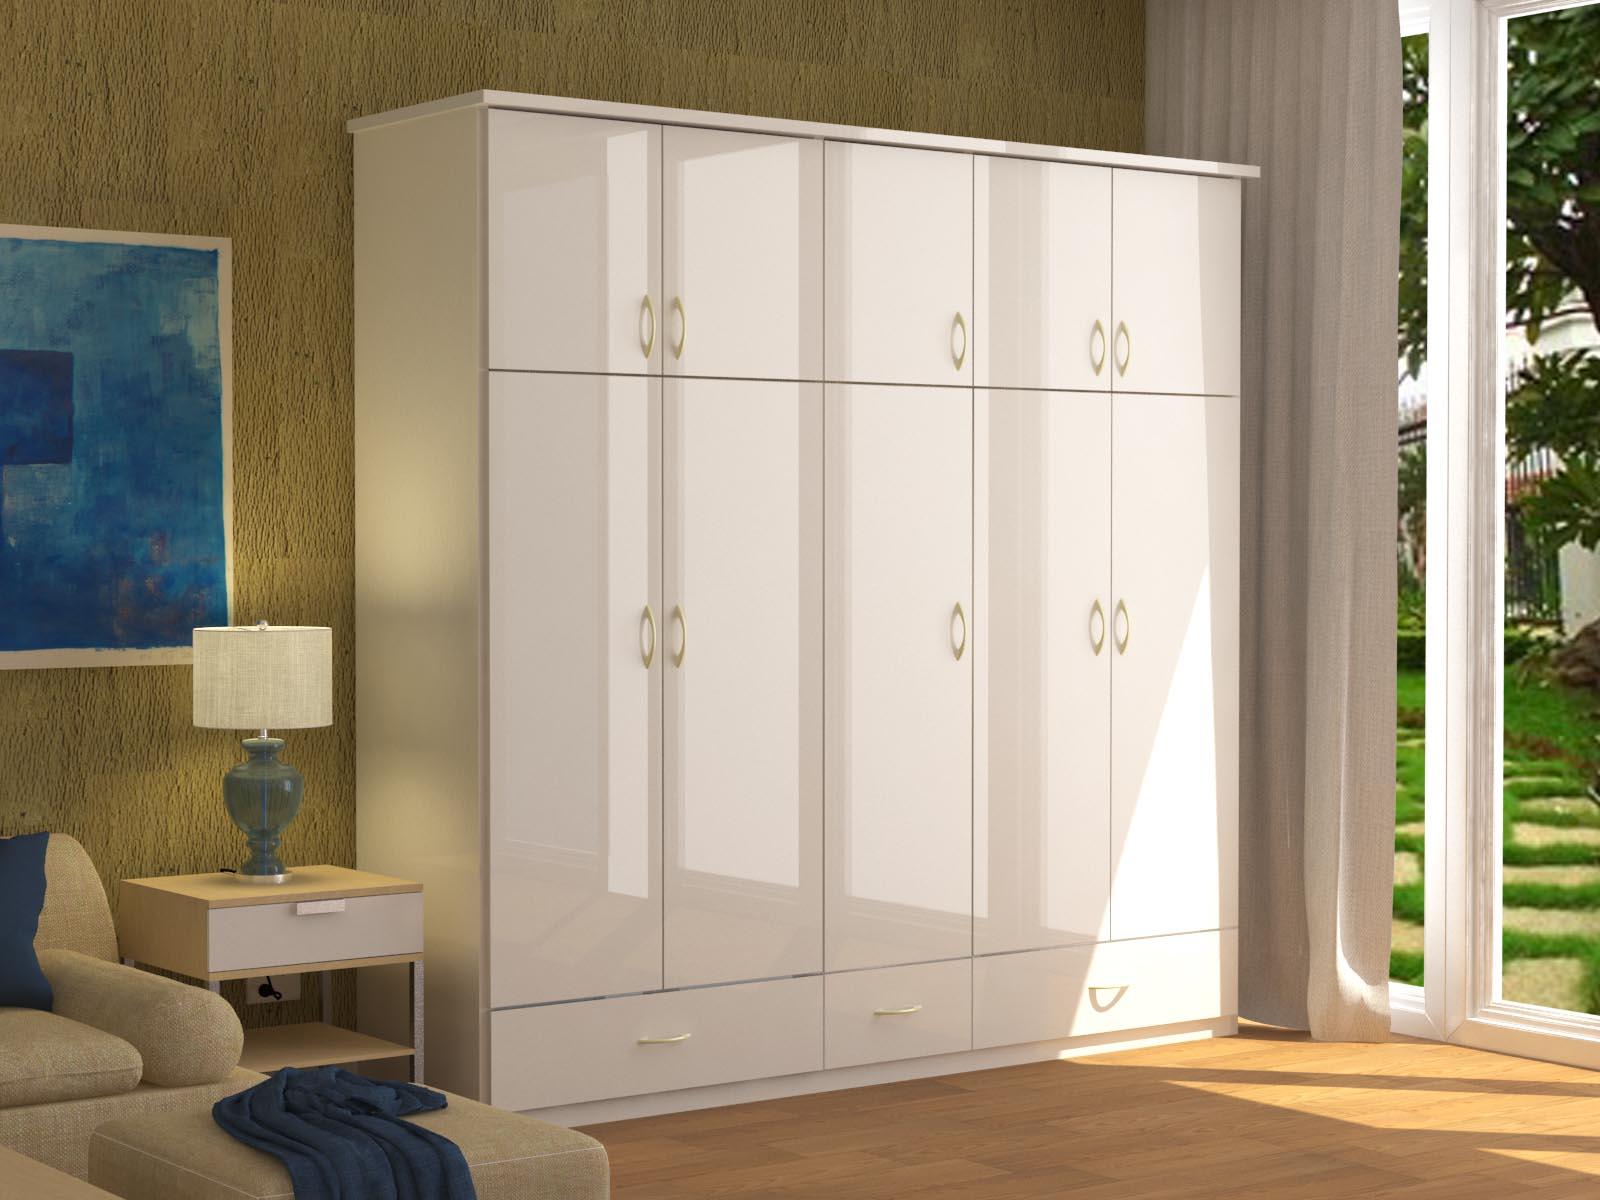 Image result for tủ quuanf áo đứng của đài loan